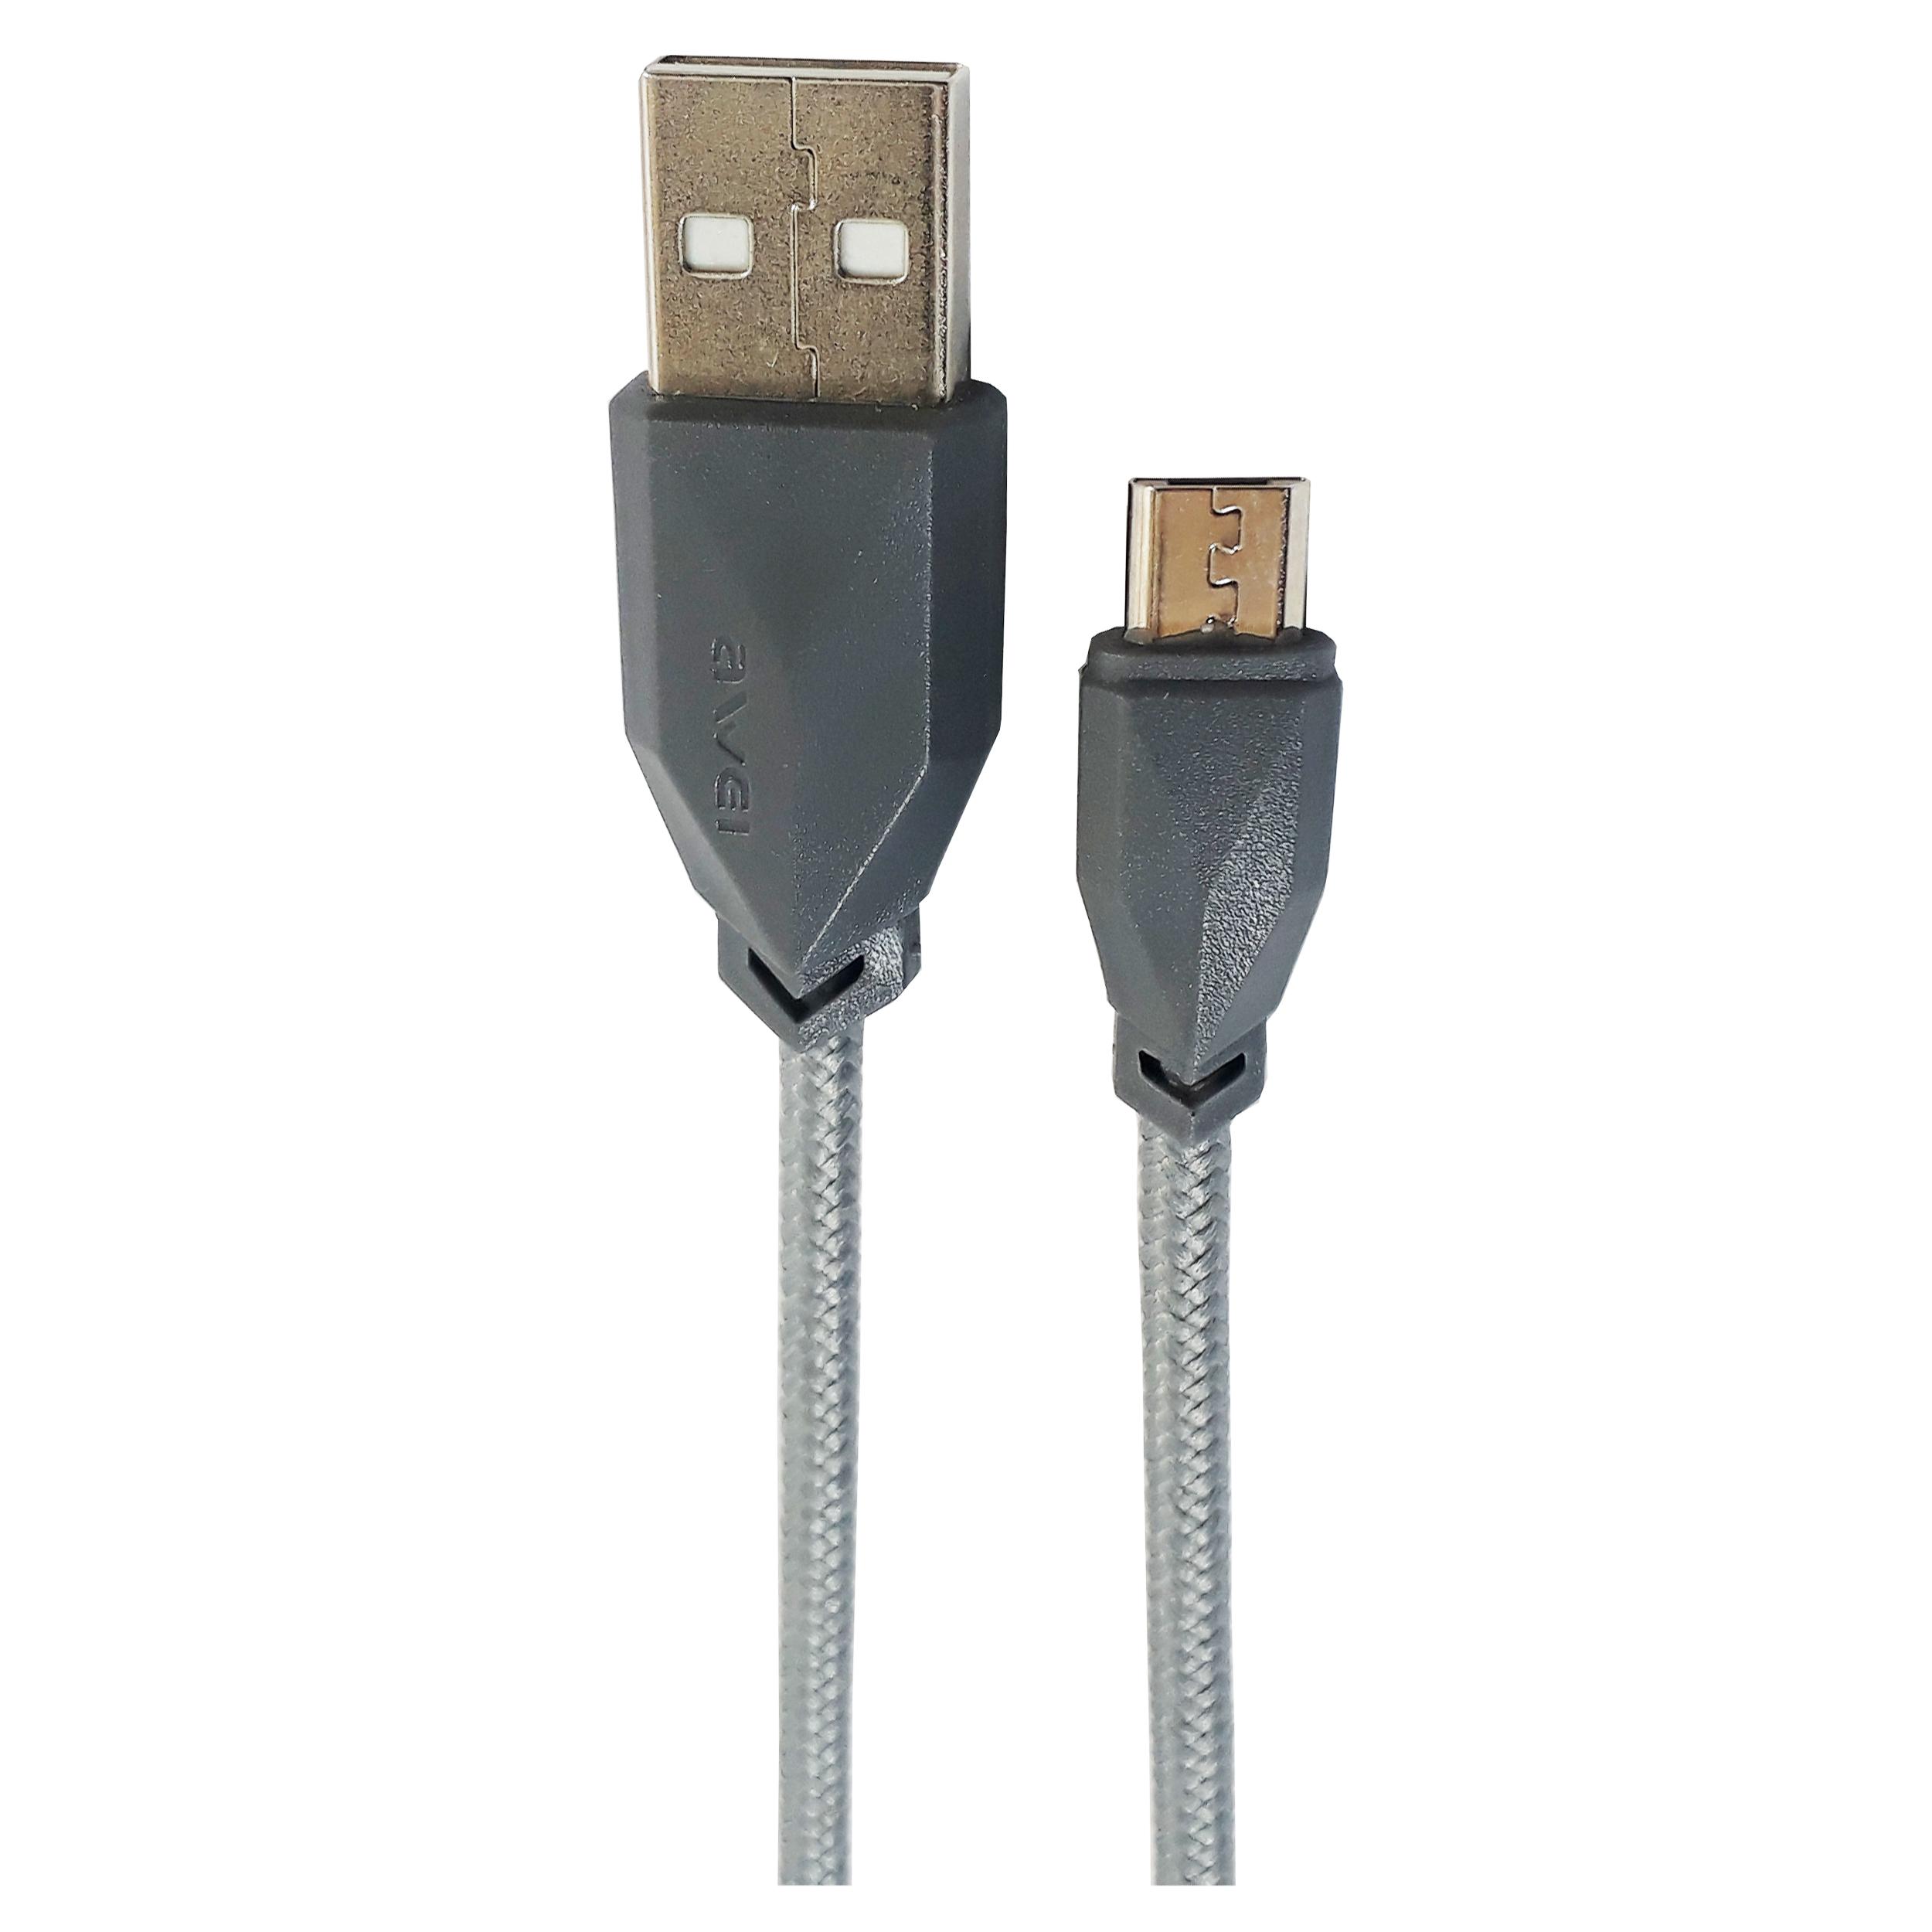 کابل تبدیل USB به microUSB اوی مدل CL-982 طول 1 متر